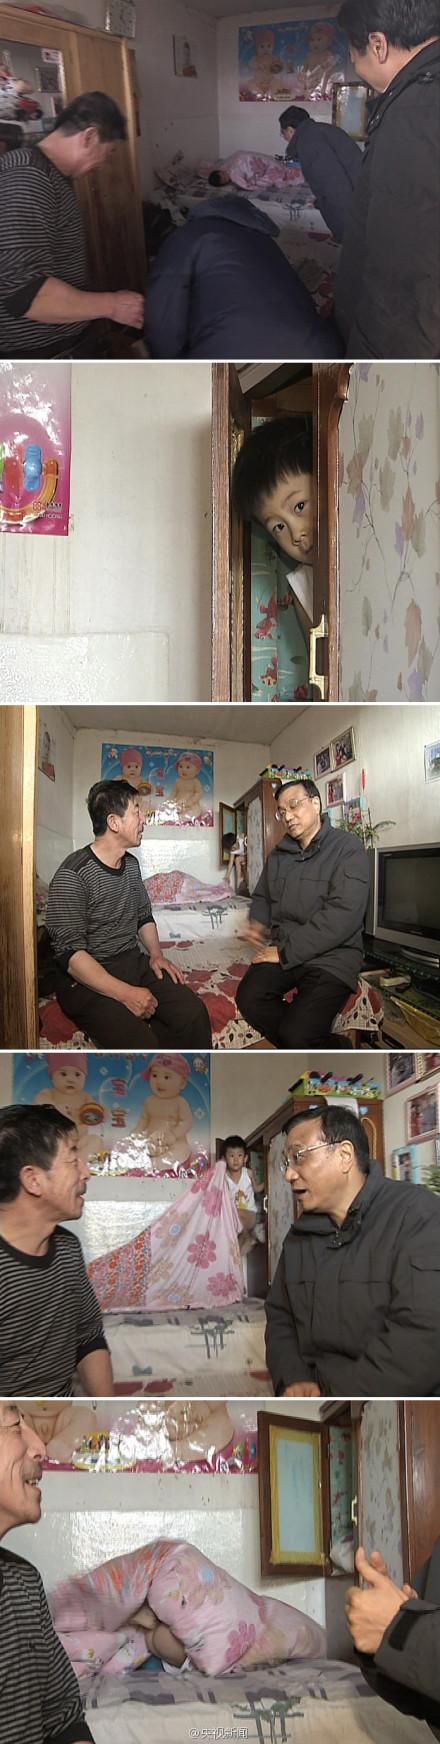 Li Keqiang mooned at farmer's house